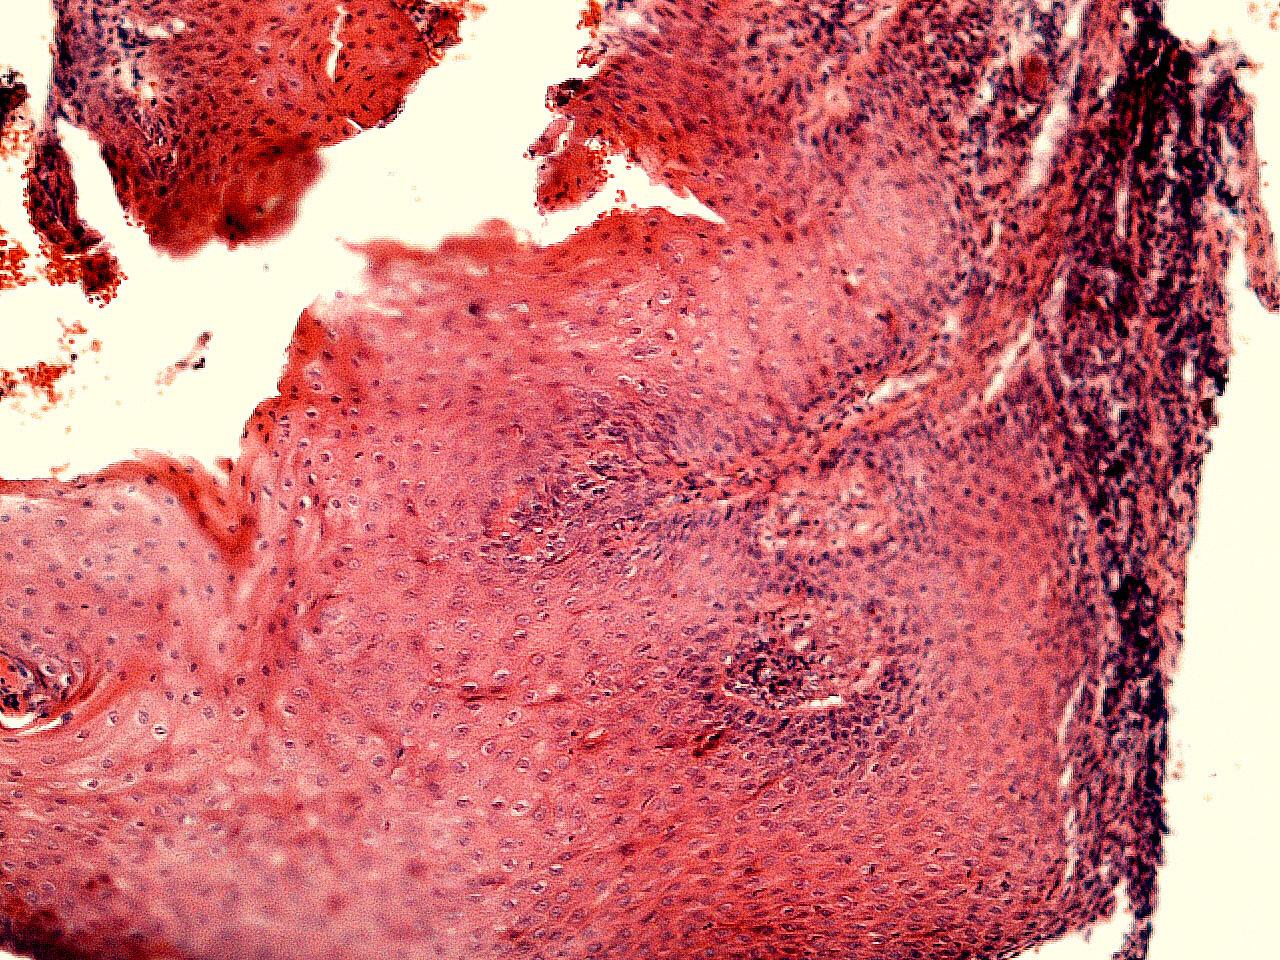 Рис. 1. Окрашивание гематоксилином и эозином: хорошо видны зоны повреждения соединительной ткани с наличием кровоизлияний в месте воздействия электрокоагулятора.